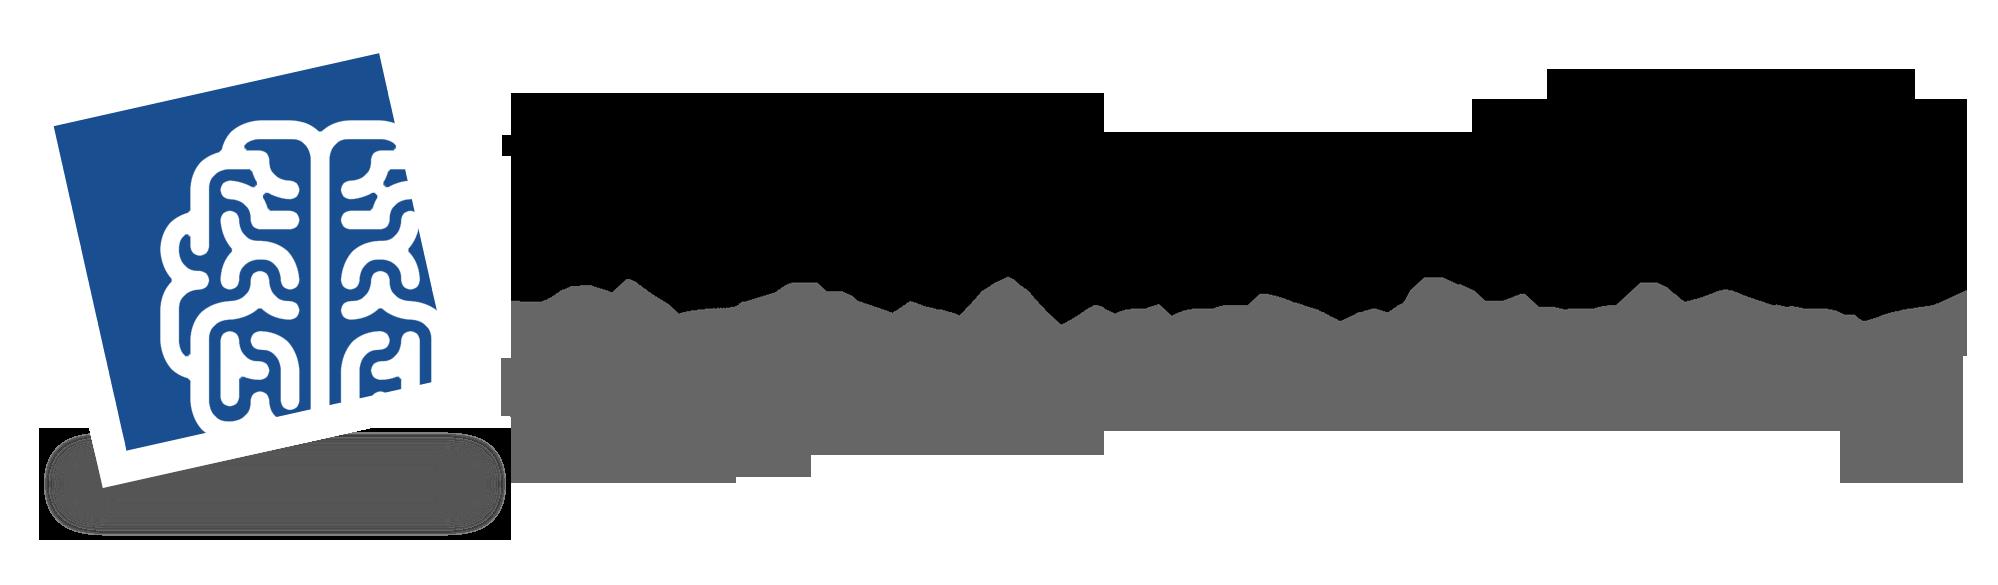 logo font test large